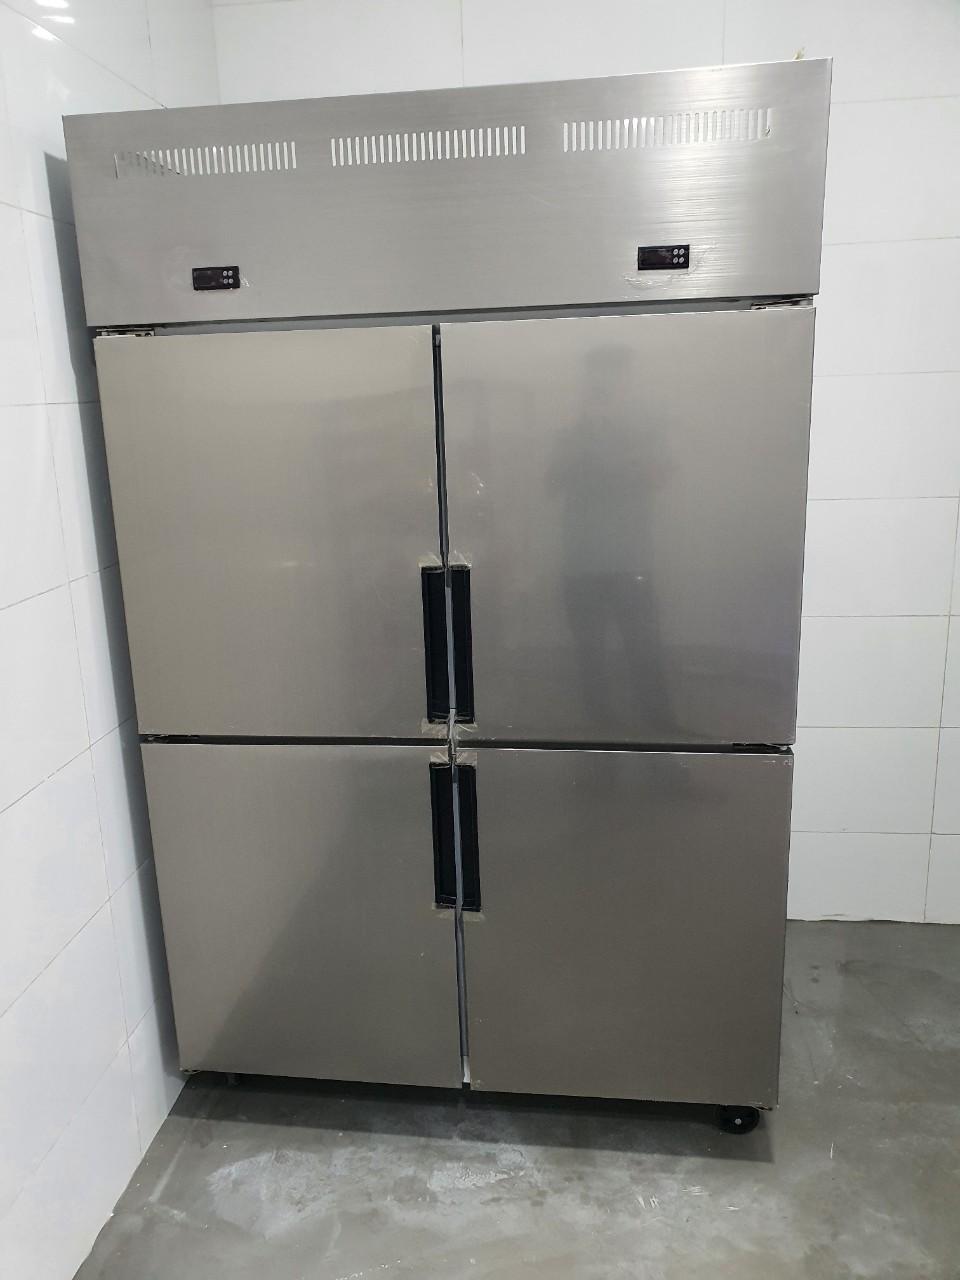 Tủ cấp đông tủ mát 4 cánh chất lượng cao